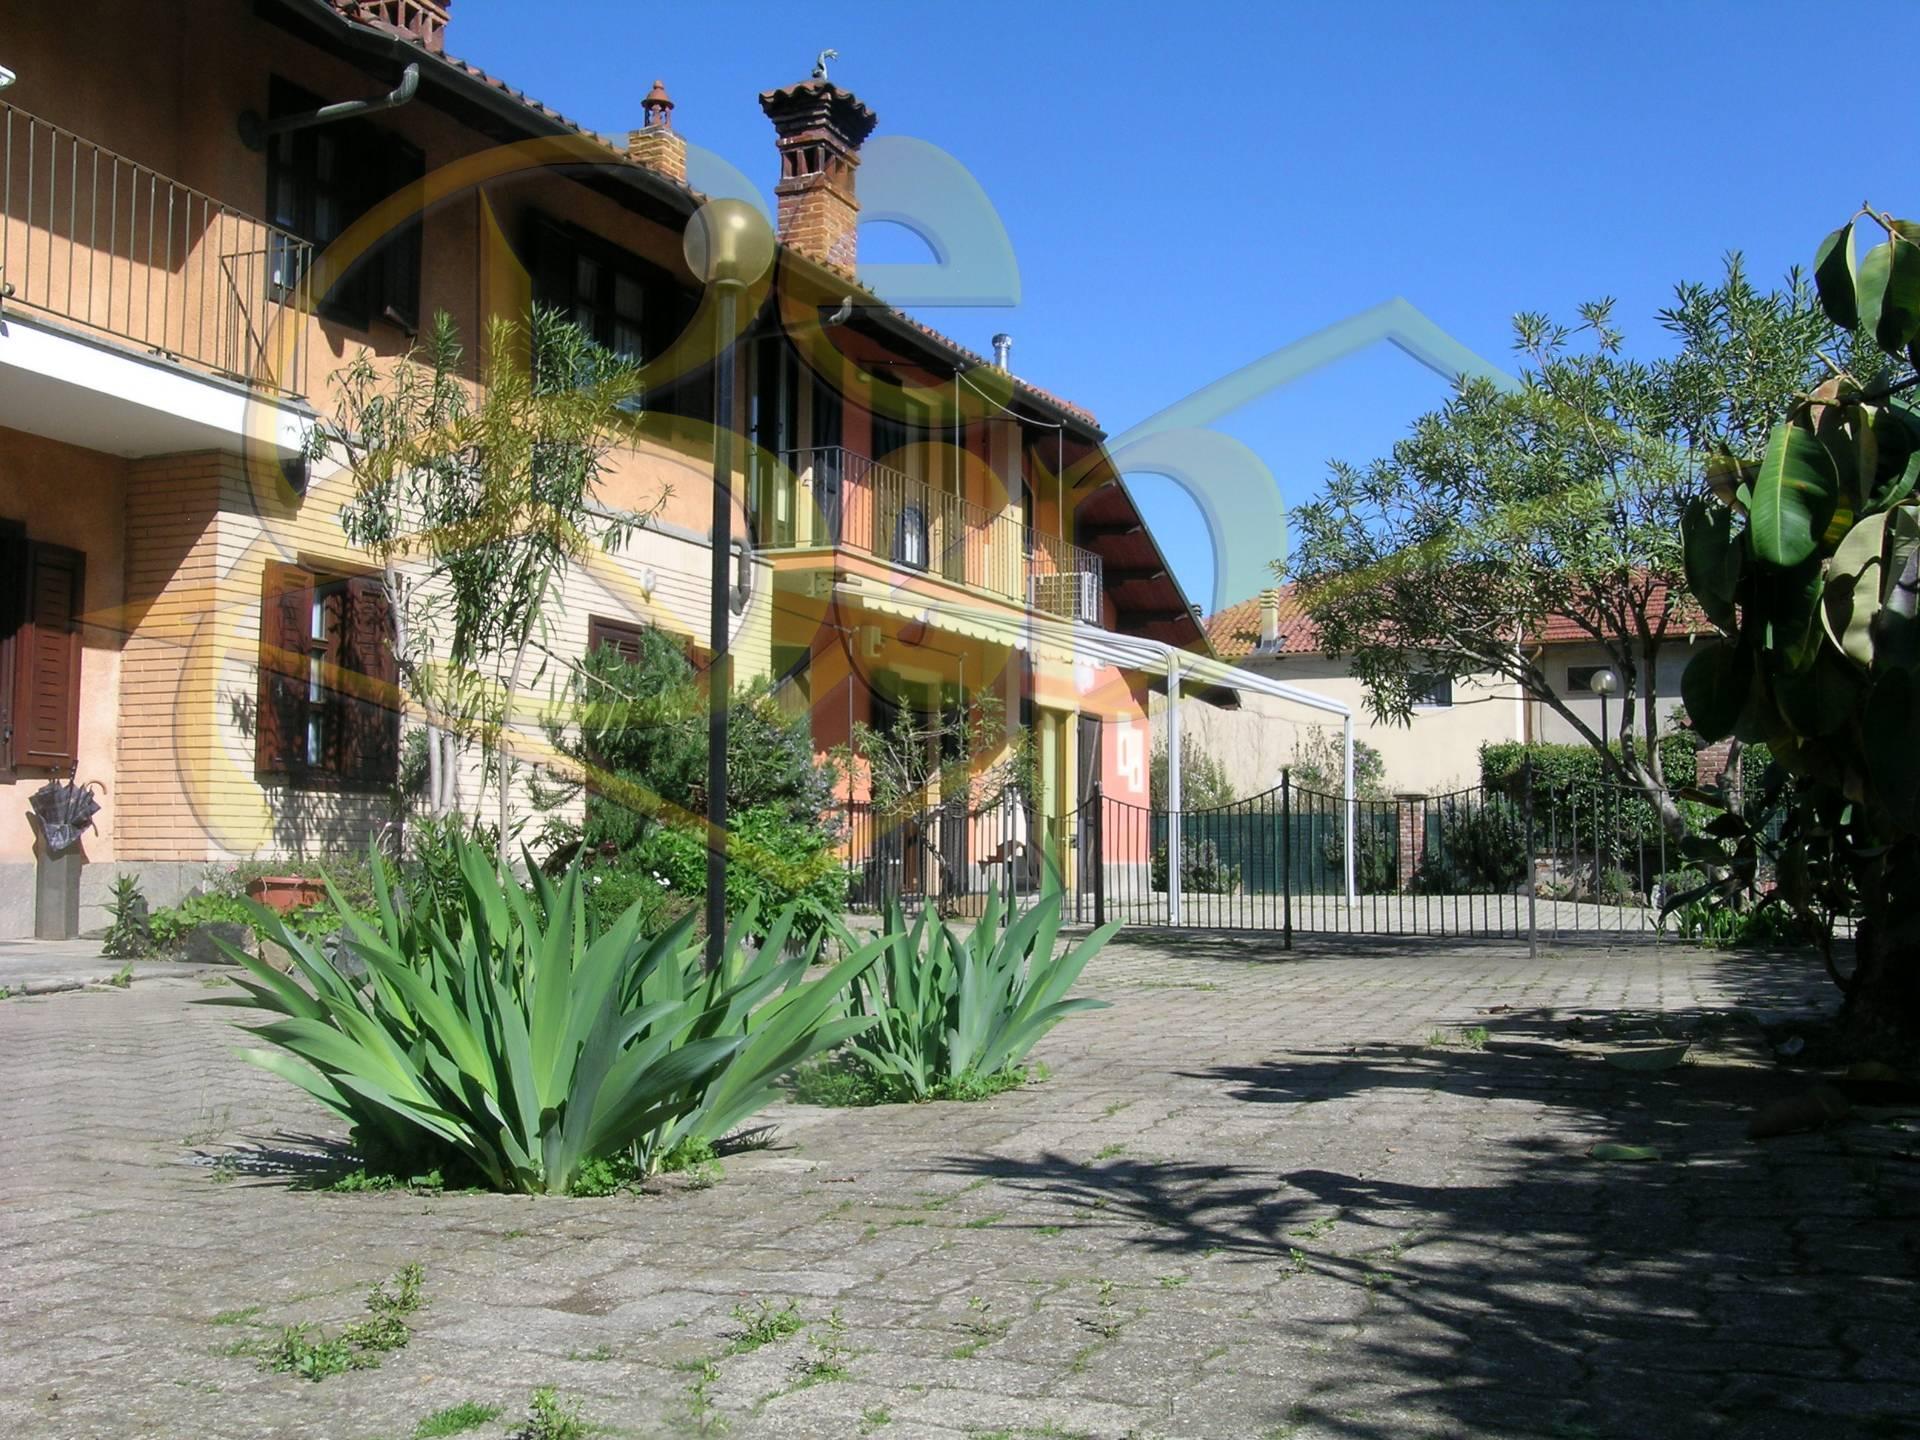 Rustico / Casale in vendita a Rivoli, 5 locali, zona Località: centrostorico, prezzo € 265.000 | Cambio Casa.it